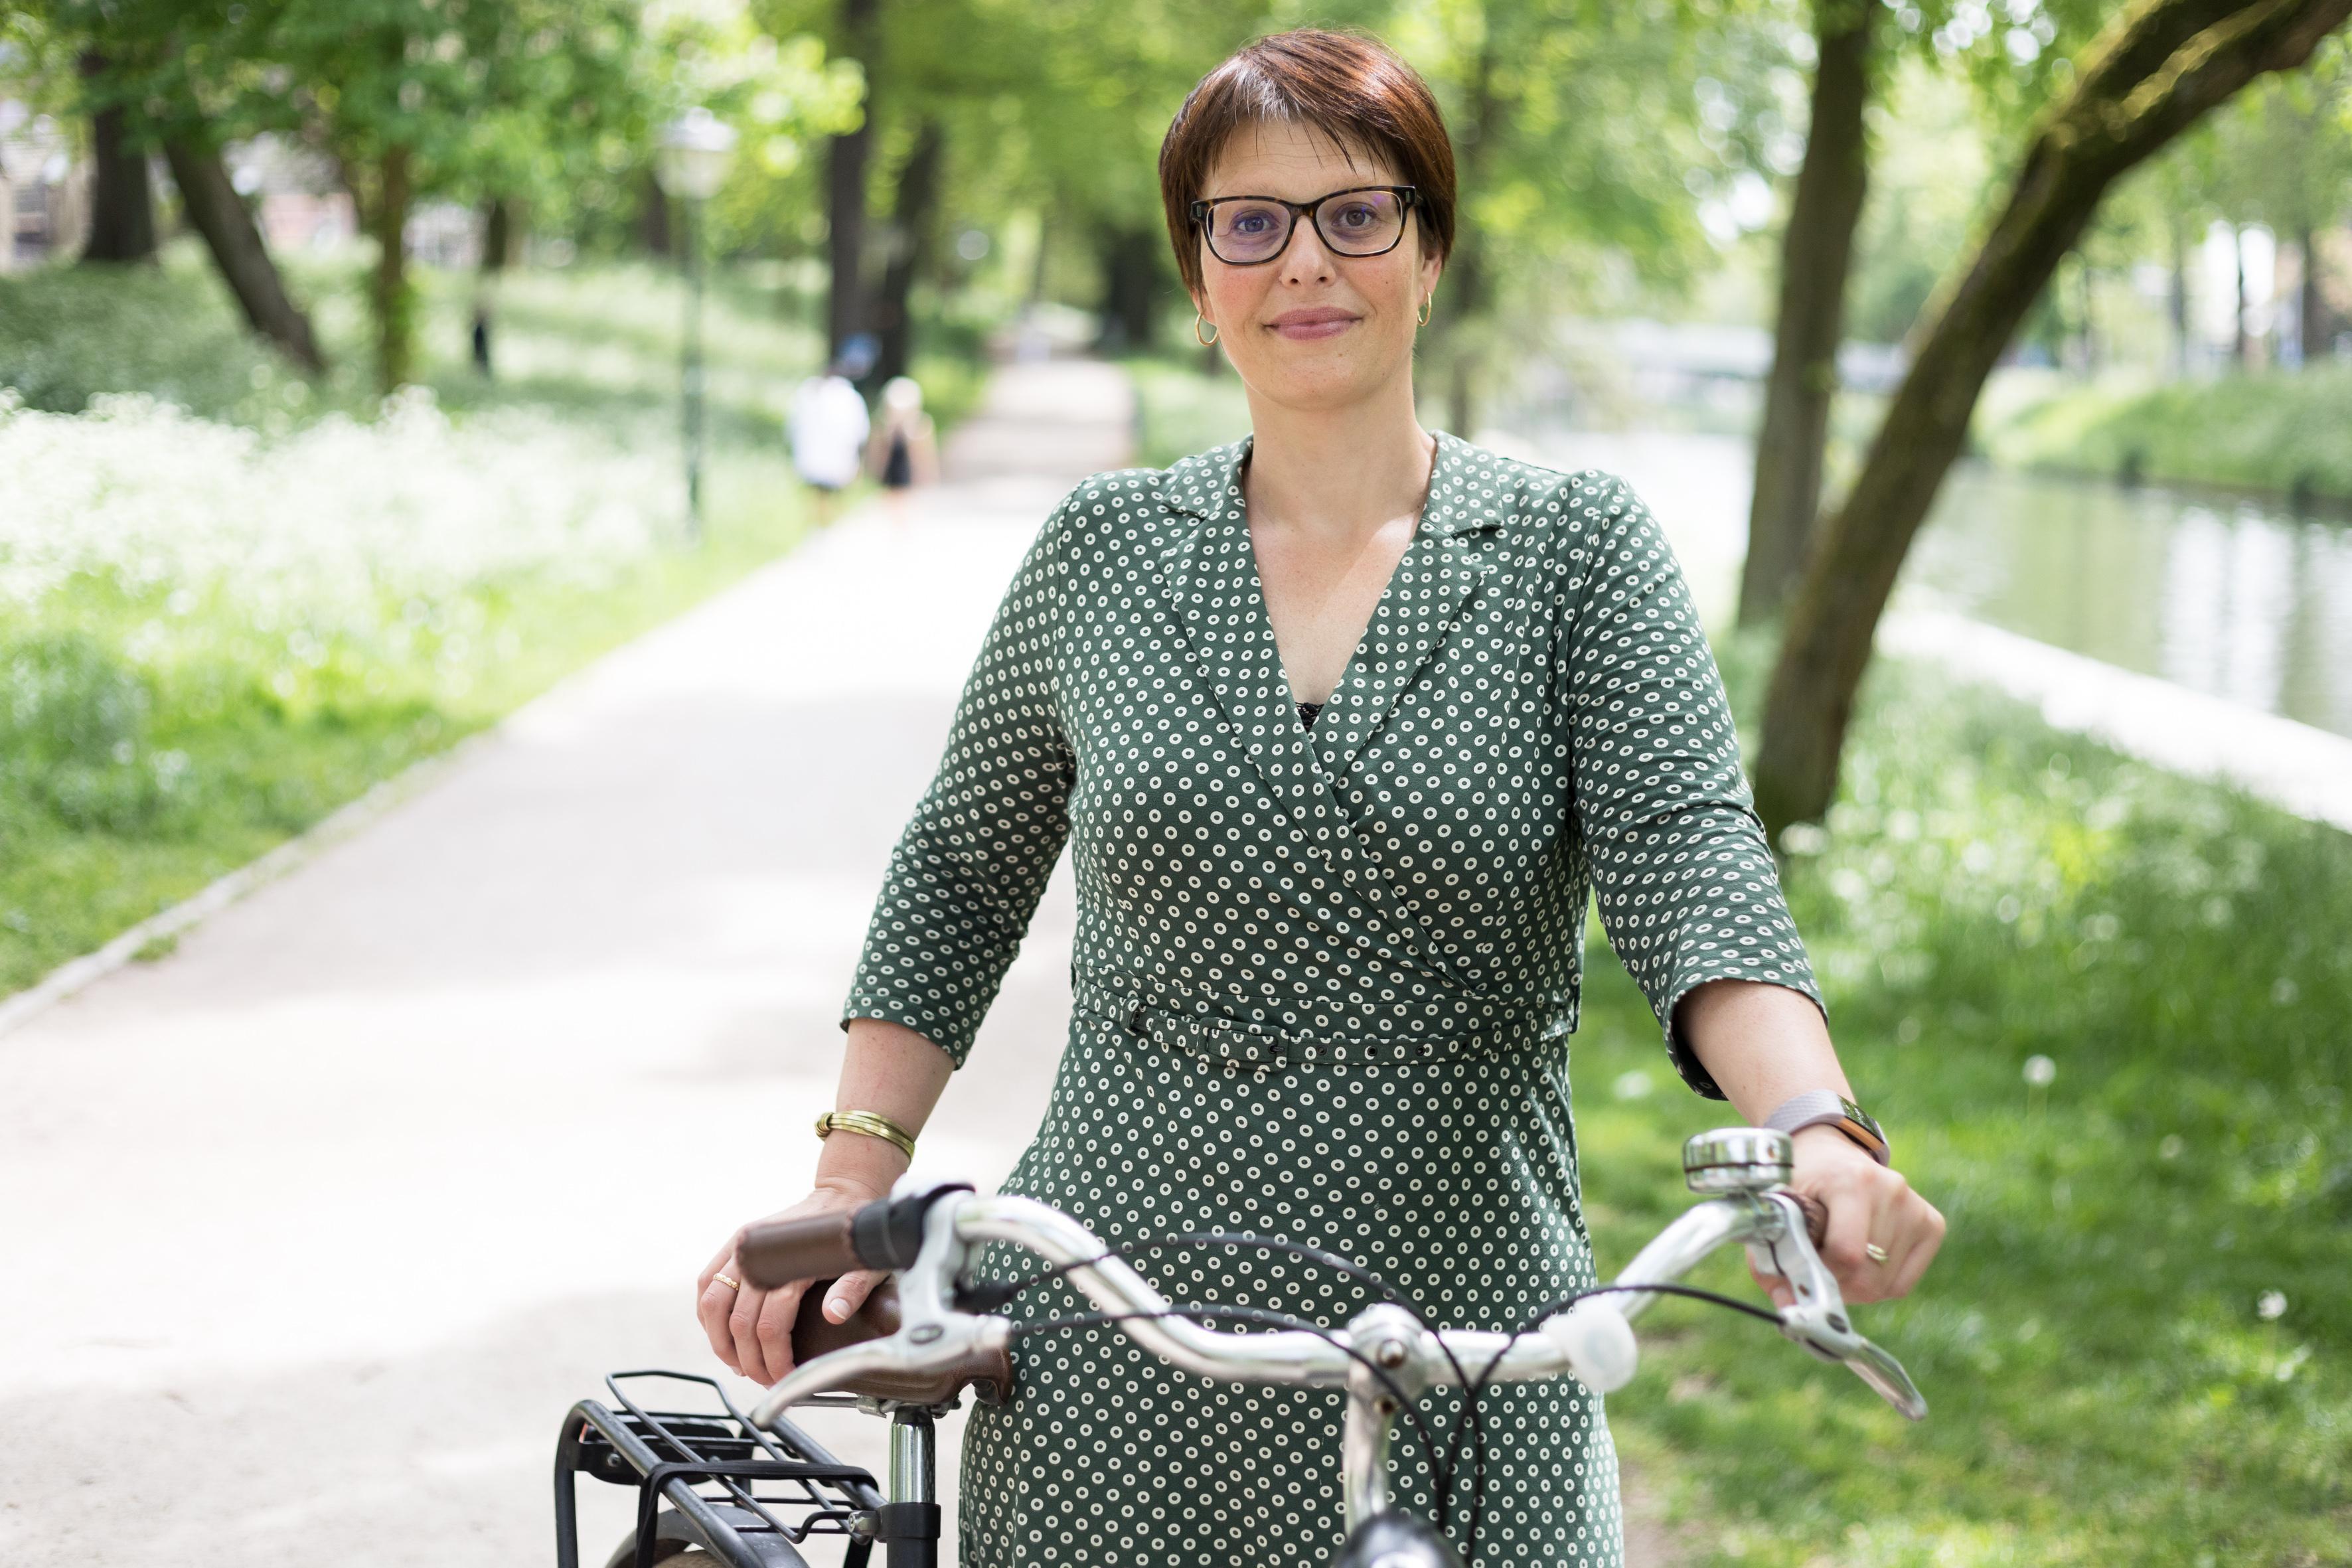 Saskia Kluit leidt mobiliteitdebat Statenverkiezingen: 'Denk bij alles aan de fiets'